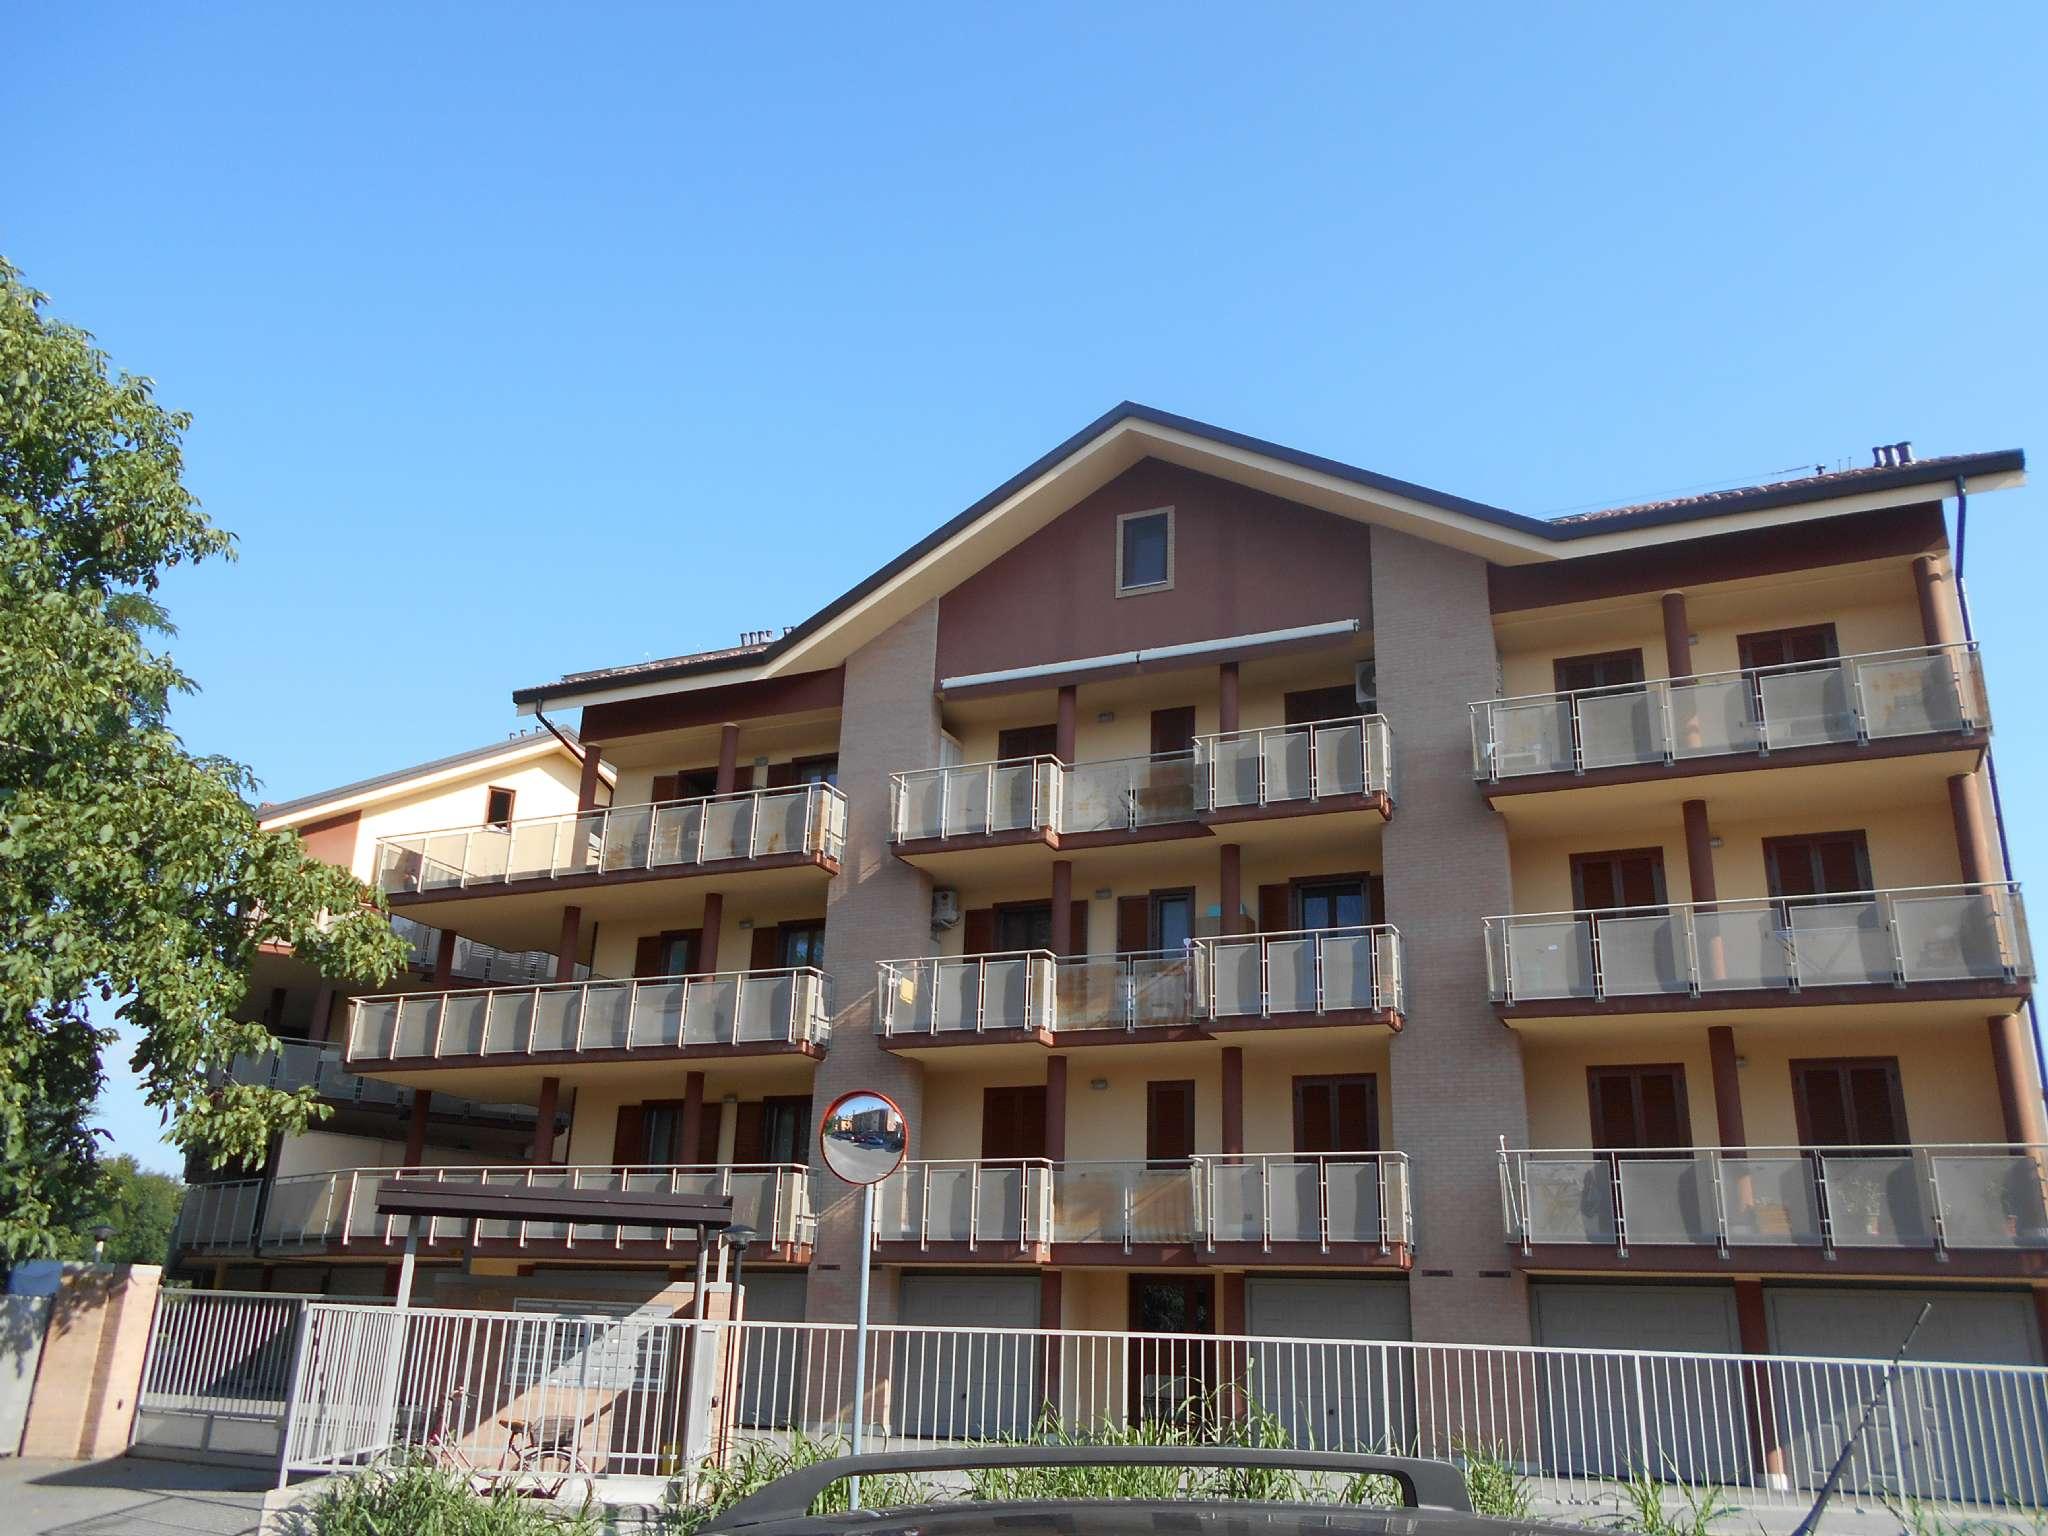 Foto 1 di Appartamento via CRISTOFORO COLOMBO 32, Caselle Torinese